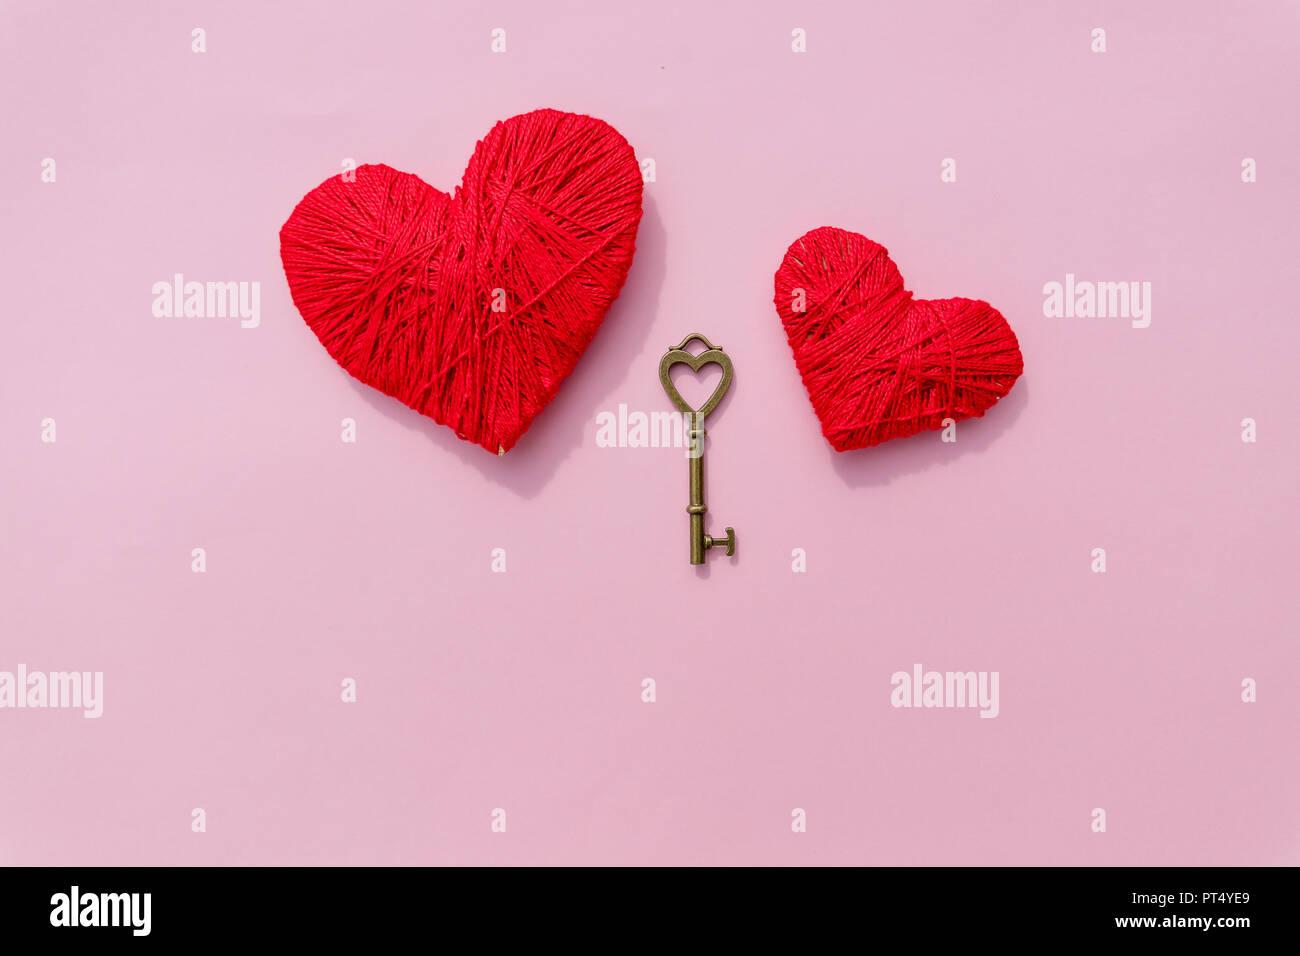 Schlussel Zu Liebe Rote Herzen Bunte Garne Herz Auf Rosa